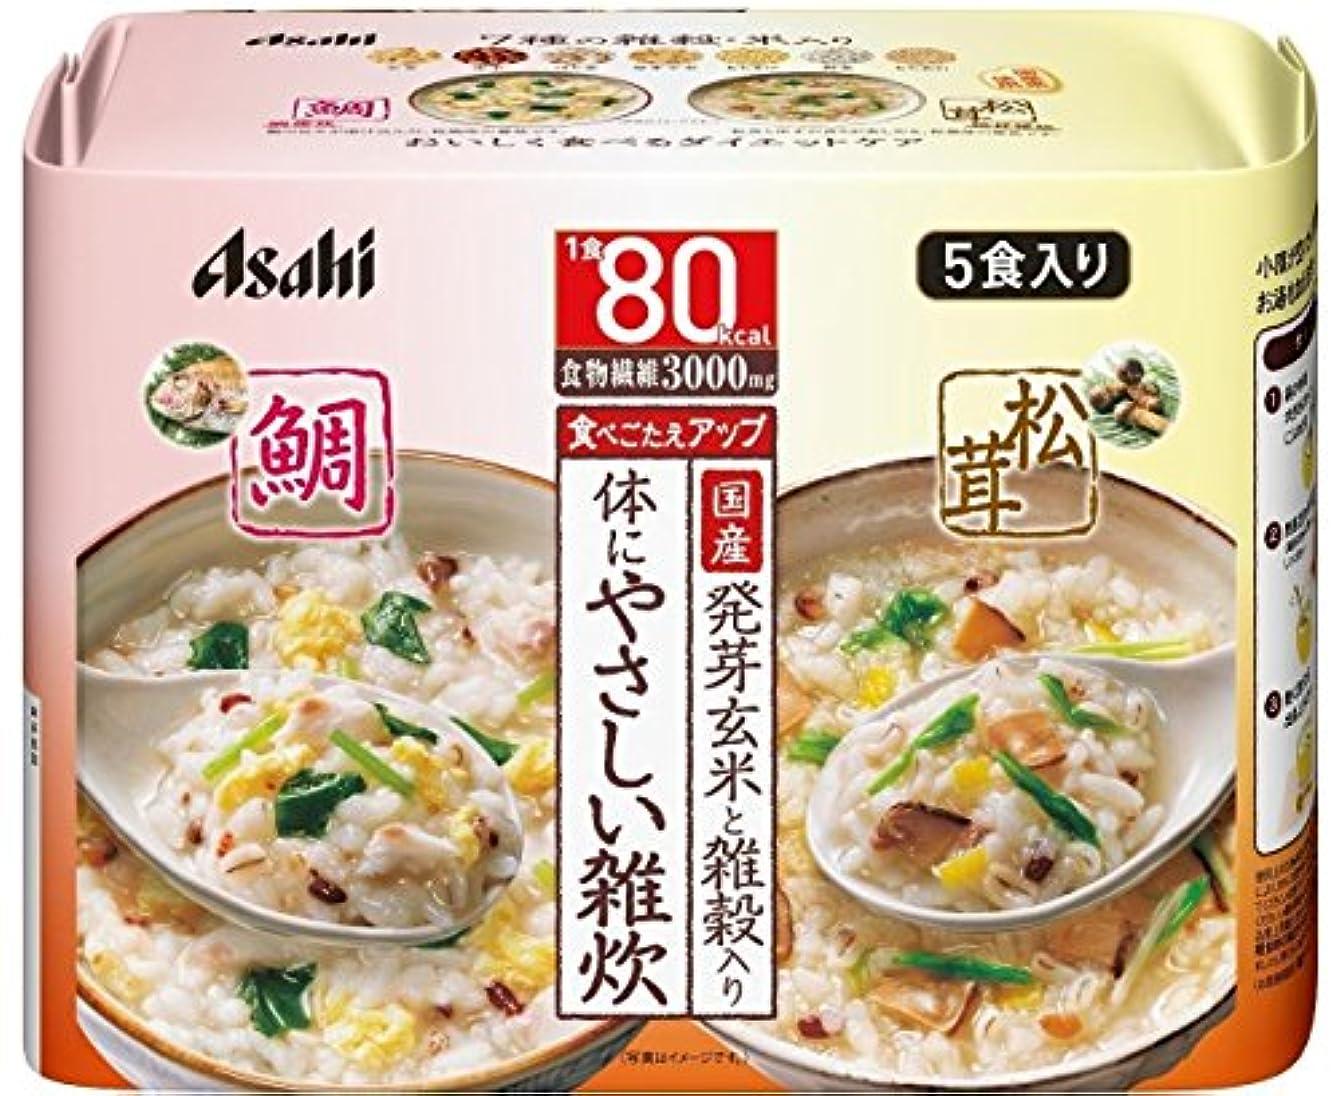 プレゼンテーション癒すドットアサヒグループ食品 リセットボディ 体にやさしい鯛&松茸雑炊 5食